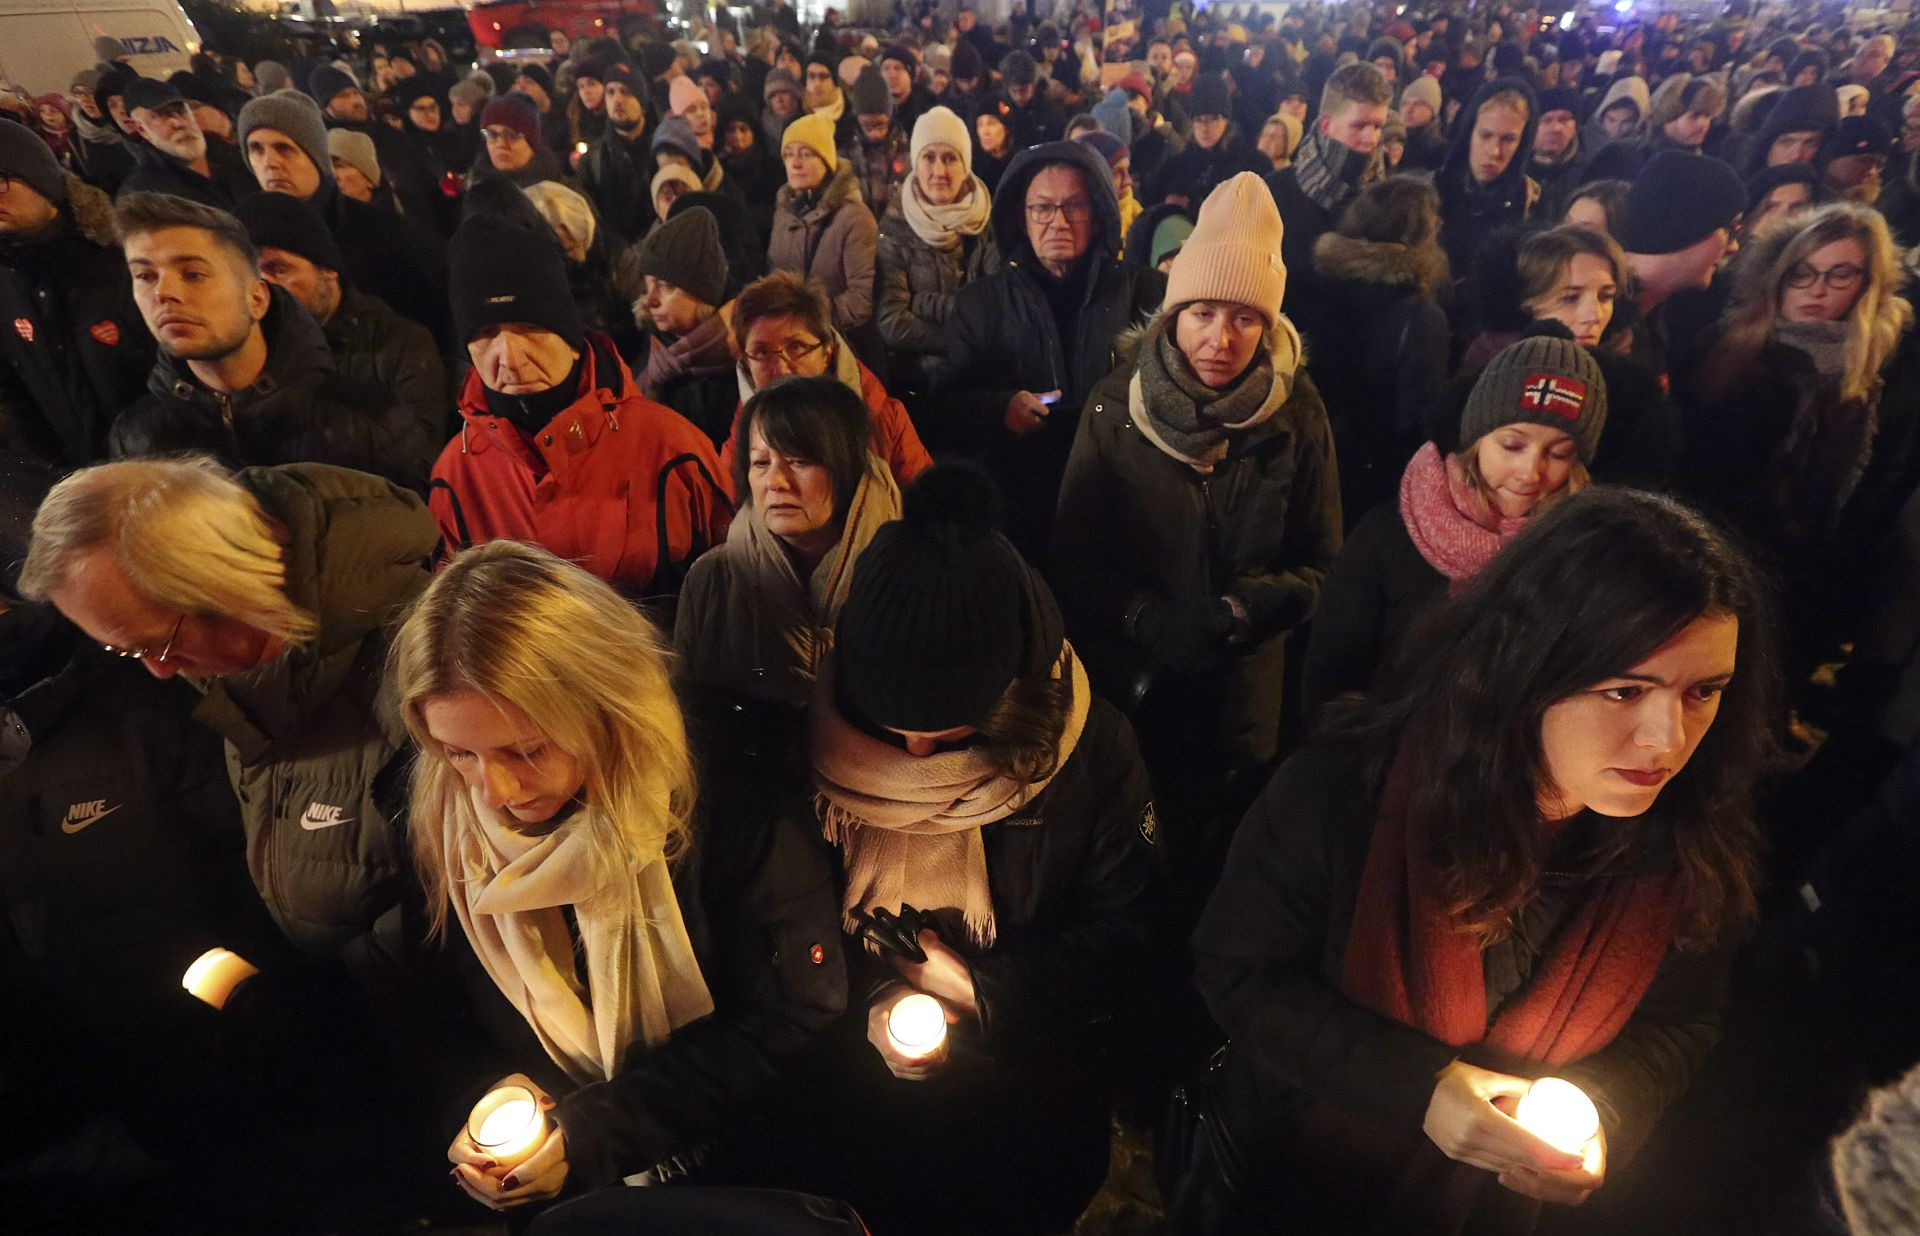 """Хиляди хора се събраха във Варшава под лозунга """"Спрете омразата"""""""